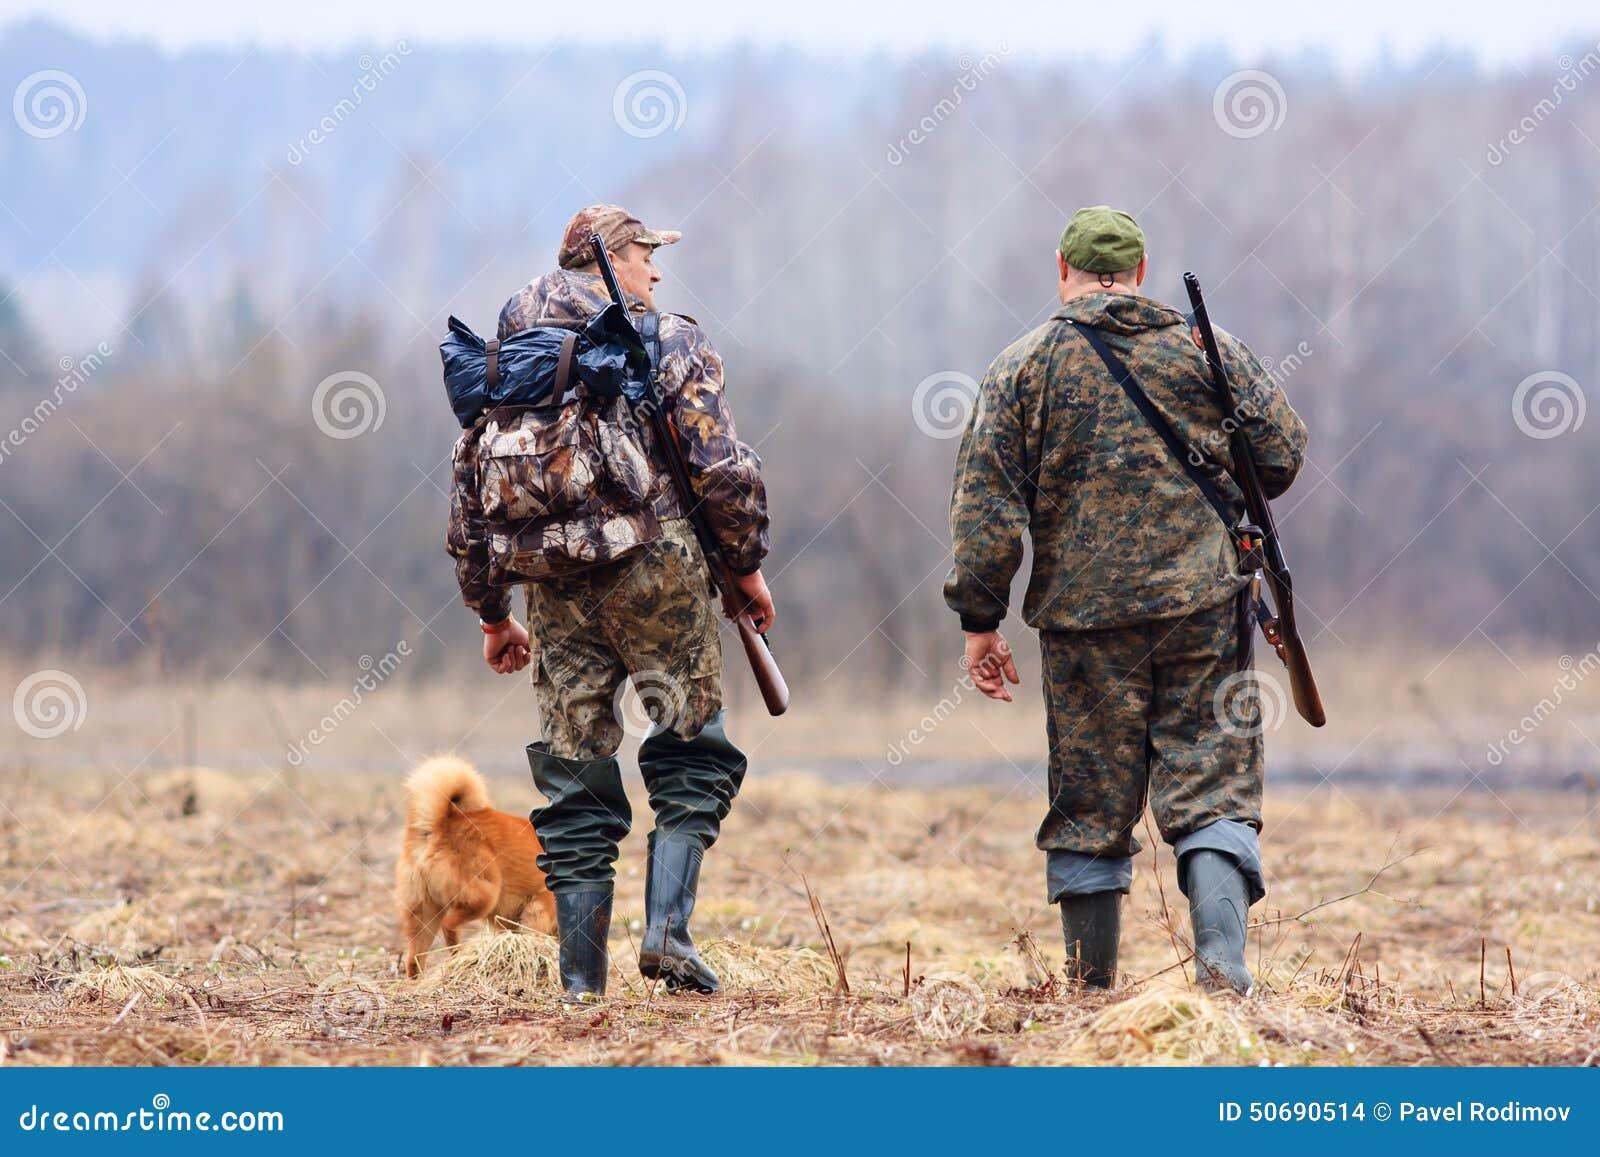 Download 狩猎的两个朋友 库存照片. 图片 包括有 摄影, 猎枪, 季节, 狩猎, 草甸, 追求, 成人, 波美丝毛狗 - 50690514